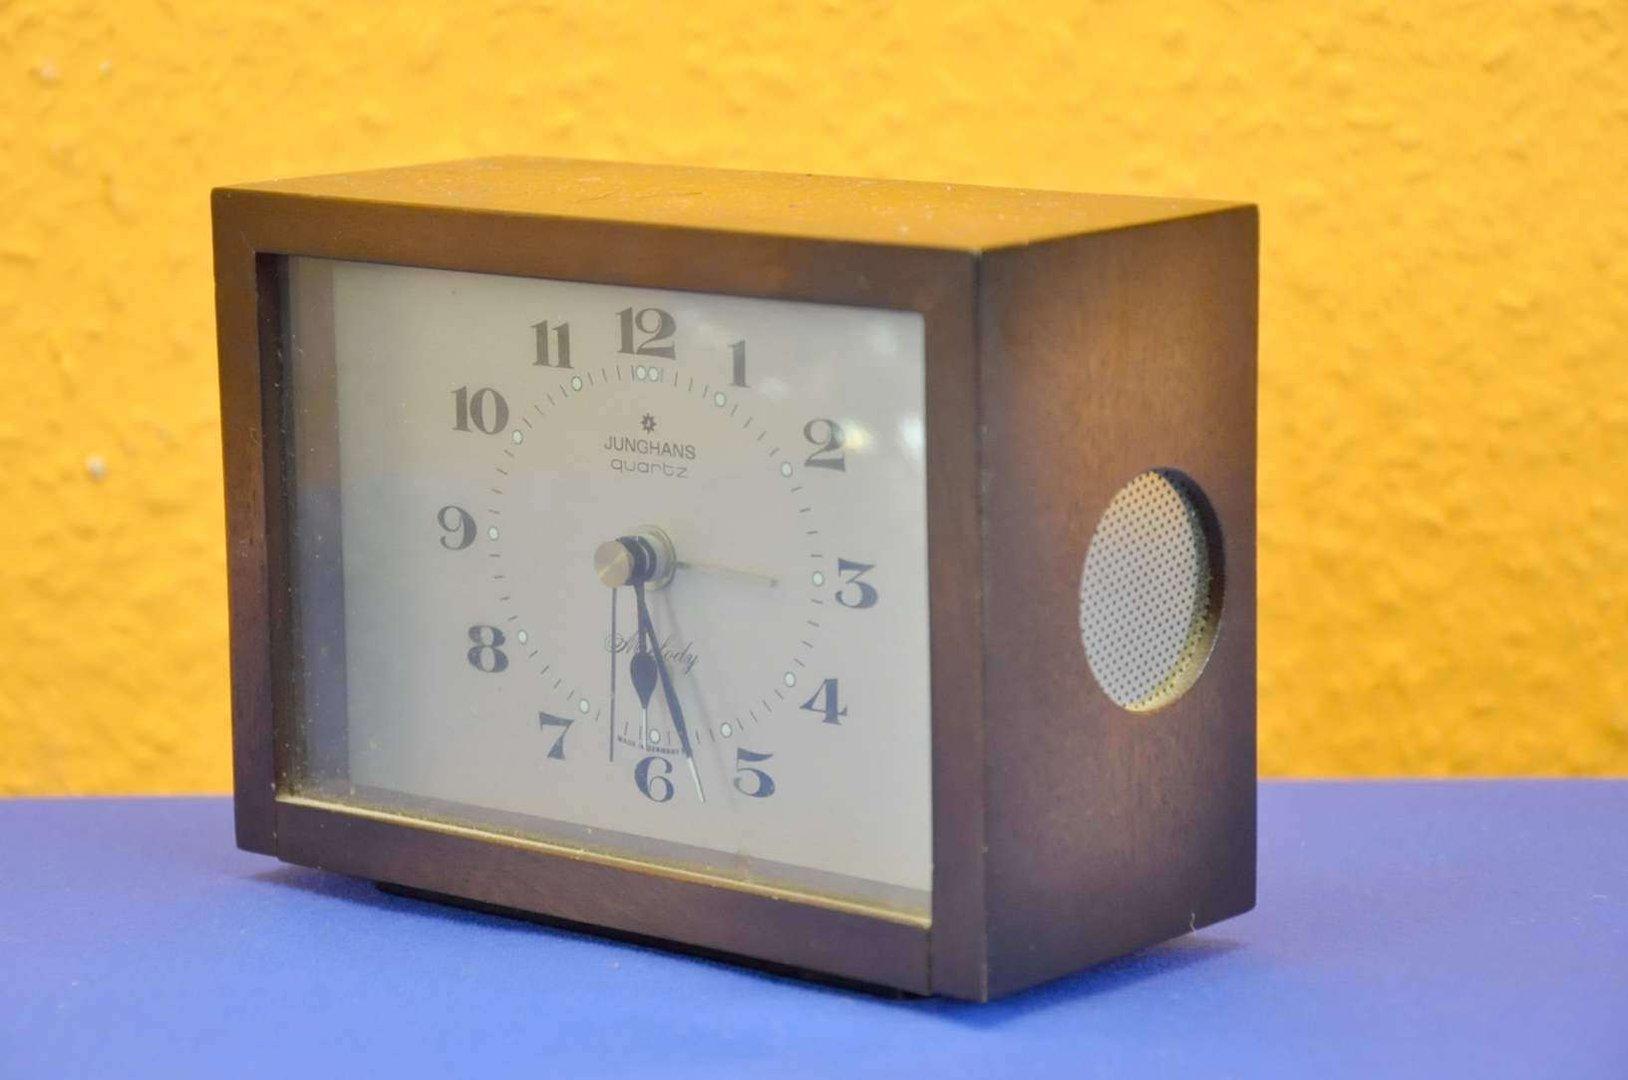 tischuhr wecker von junghans quartz melody um 1960 kusera. Black Bedroom Furniture Sets. Home Design Ideas